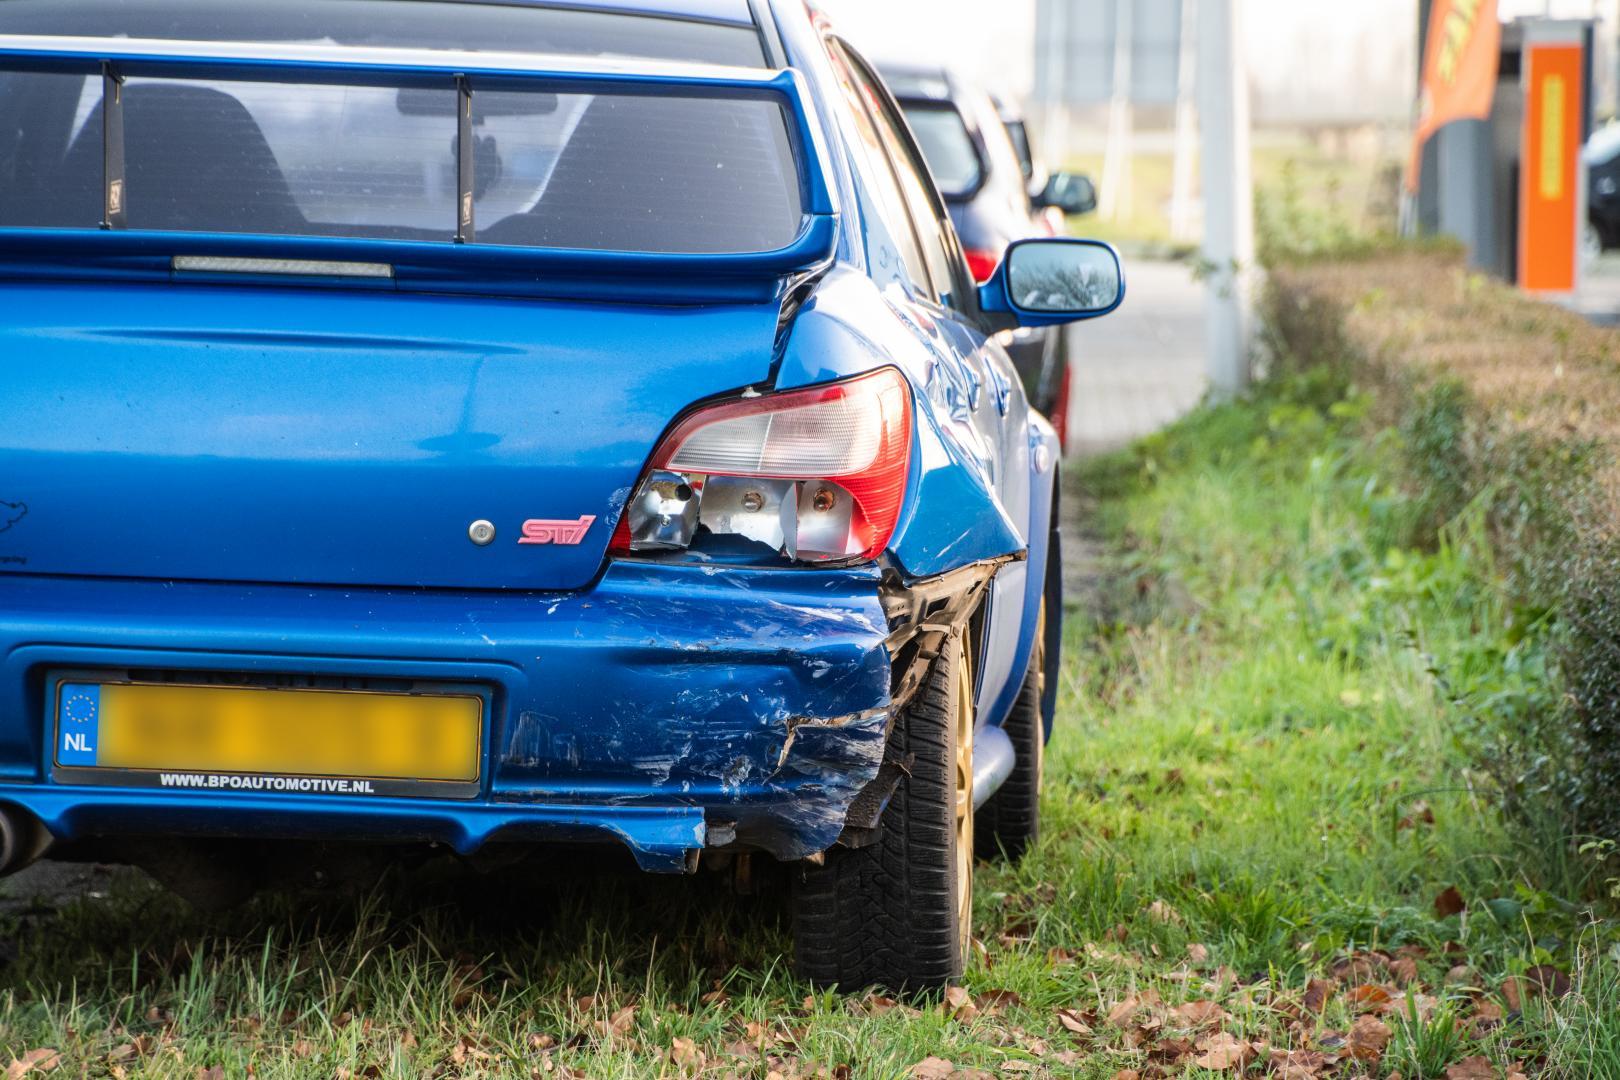 Subaru Impreza WRX STI blauw